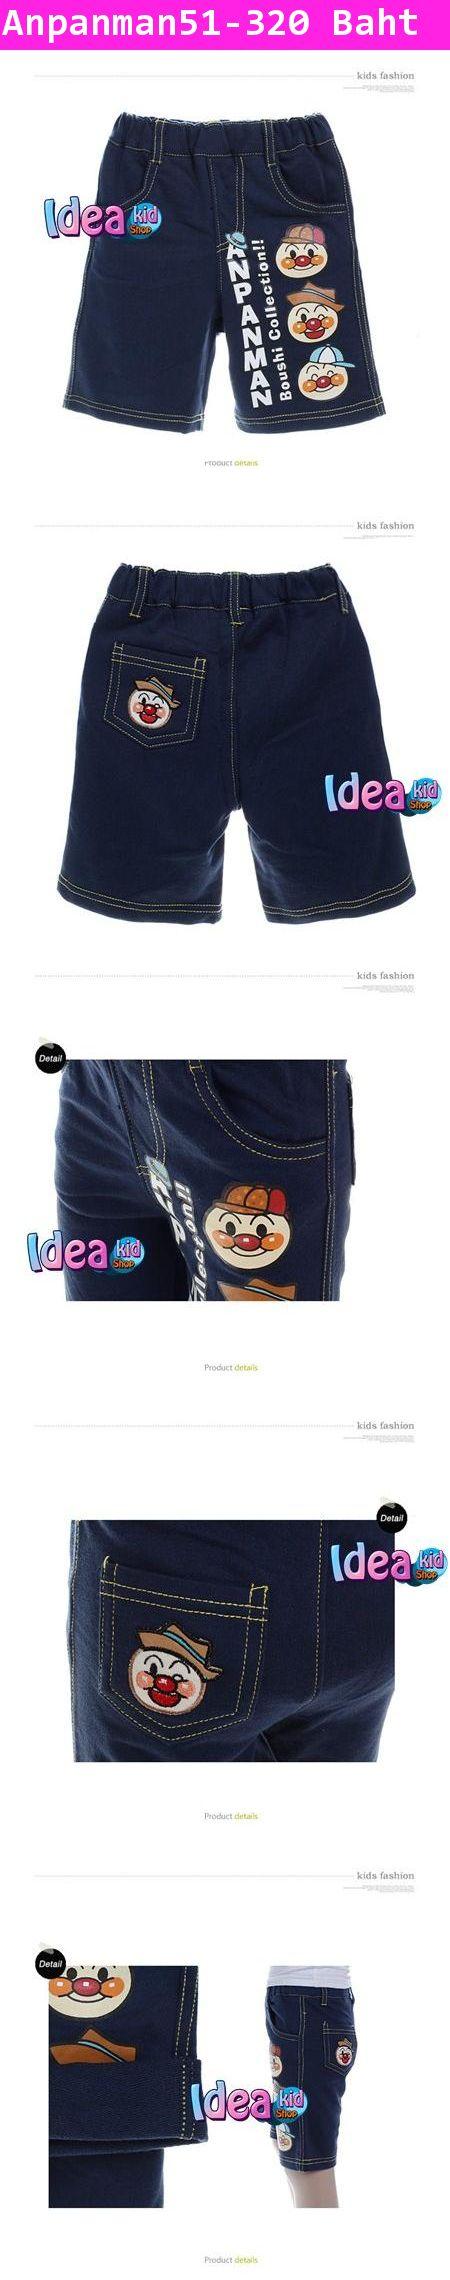 กางเกงขา 3 ส่วน ANPANMAN Boushi Collection